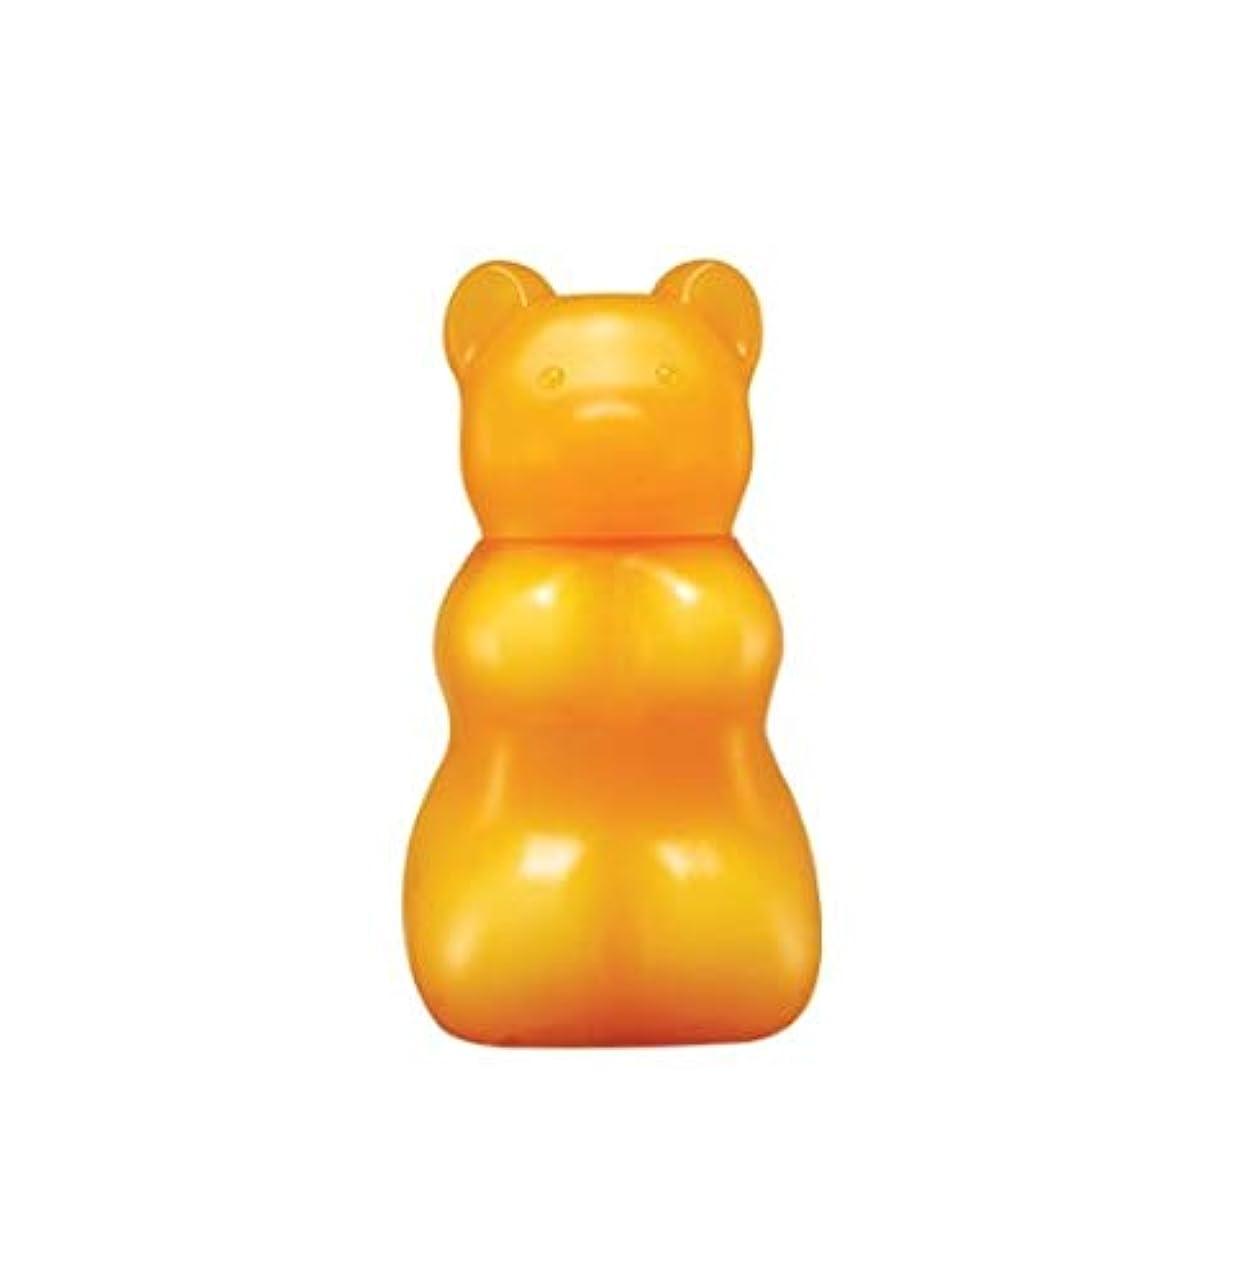 活性化祈る無限Skinfood グミベアゼリークリーンジェル(アップル)#オレンジ(ハンドクリーム) / Gummy Bear Jelly Clean Gel (Apple) #Orange (Hand Cream) 45ml [並行輸入品]